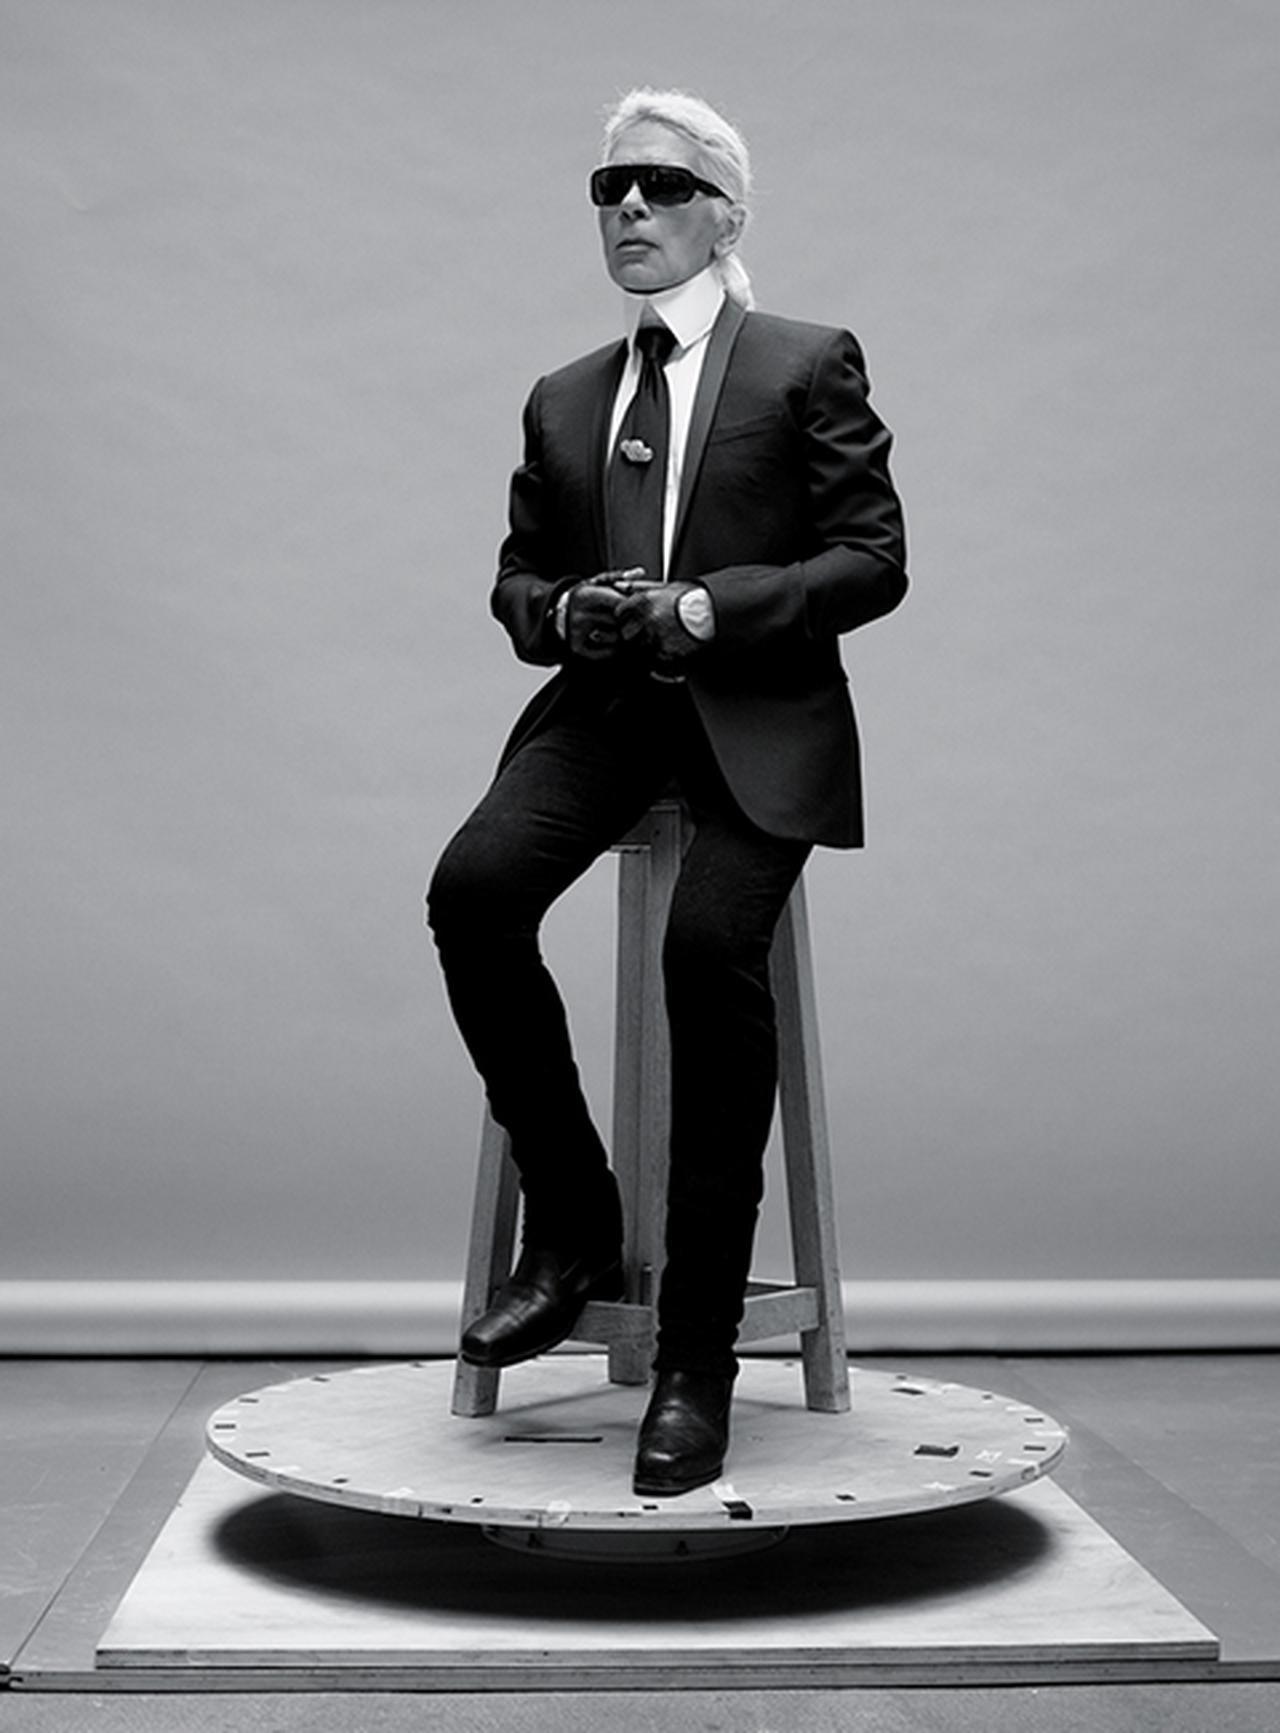 Images : 1番目の画像 - 「カール・ラガーフェルド、 比類なき鬼才の頭の中にあるもの」のアルバム - T JAPAN:The New York Times Style Magazine 公式サイト